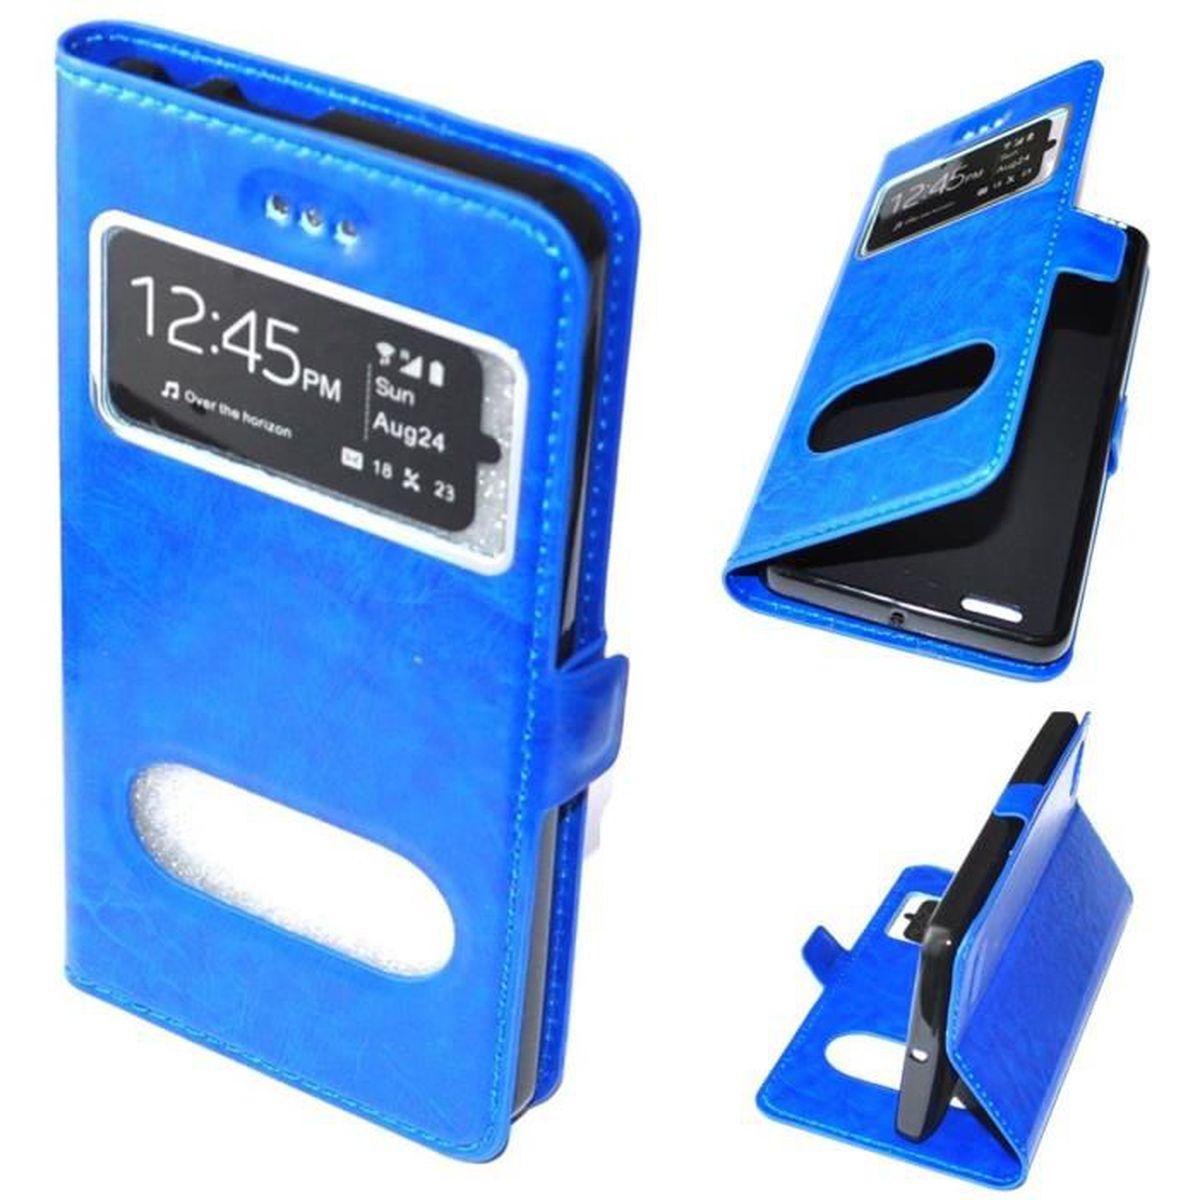 Etui housse coque portefeuille folio cuir pu bleu pour for Housse asus zenfone 3 max